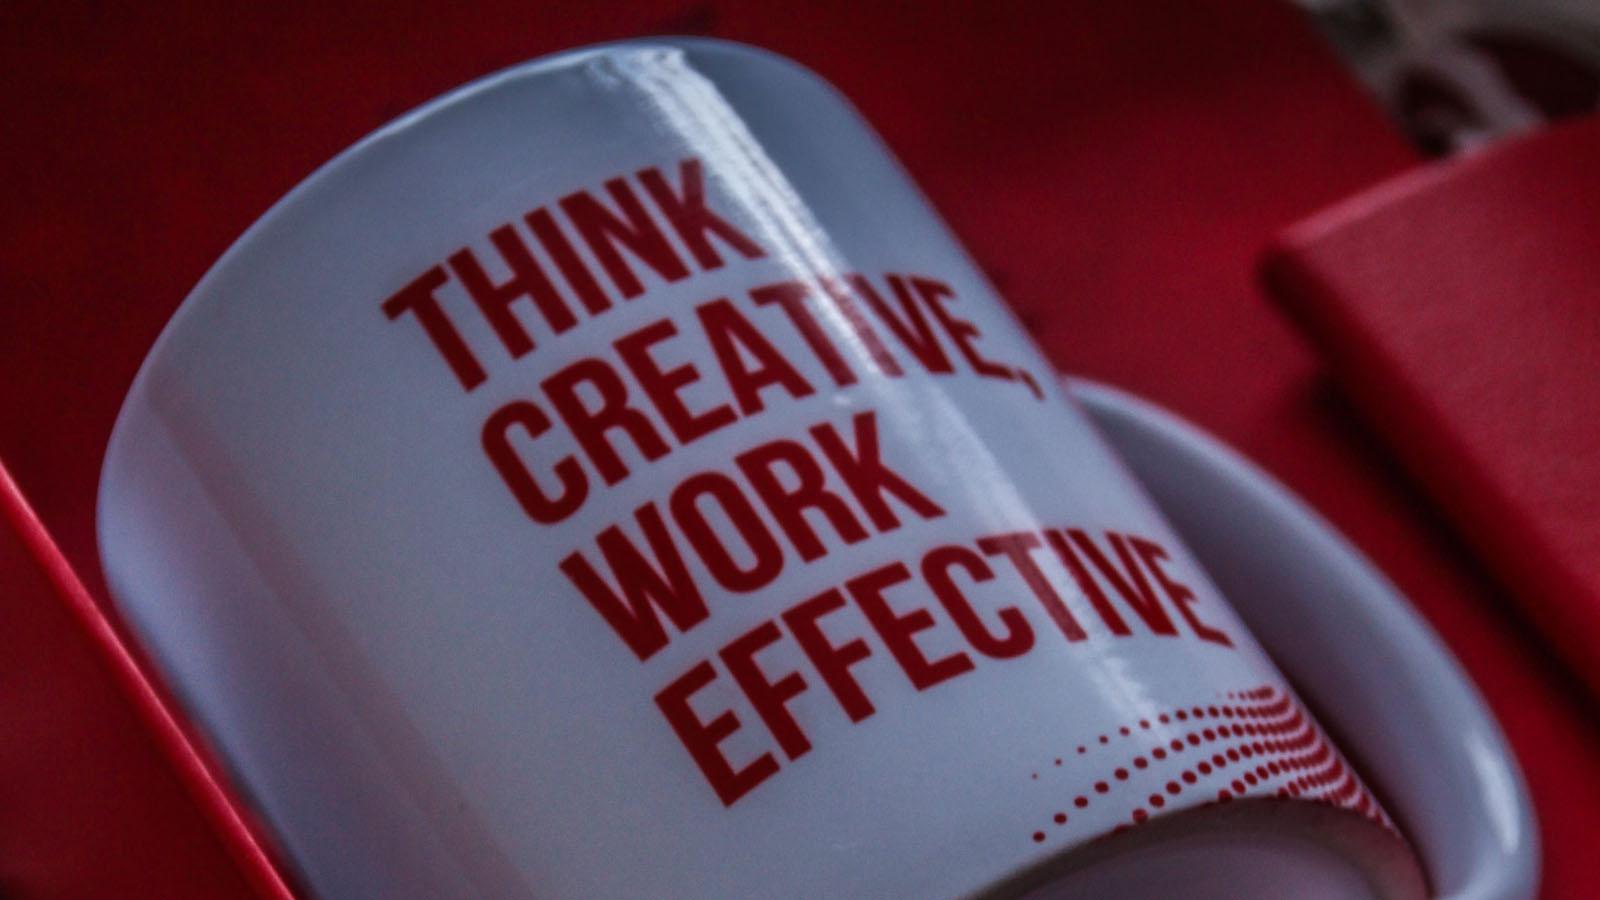 Think Creative Work Effective